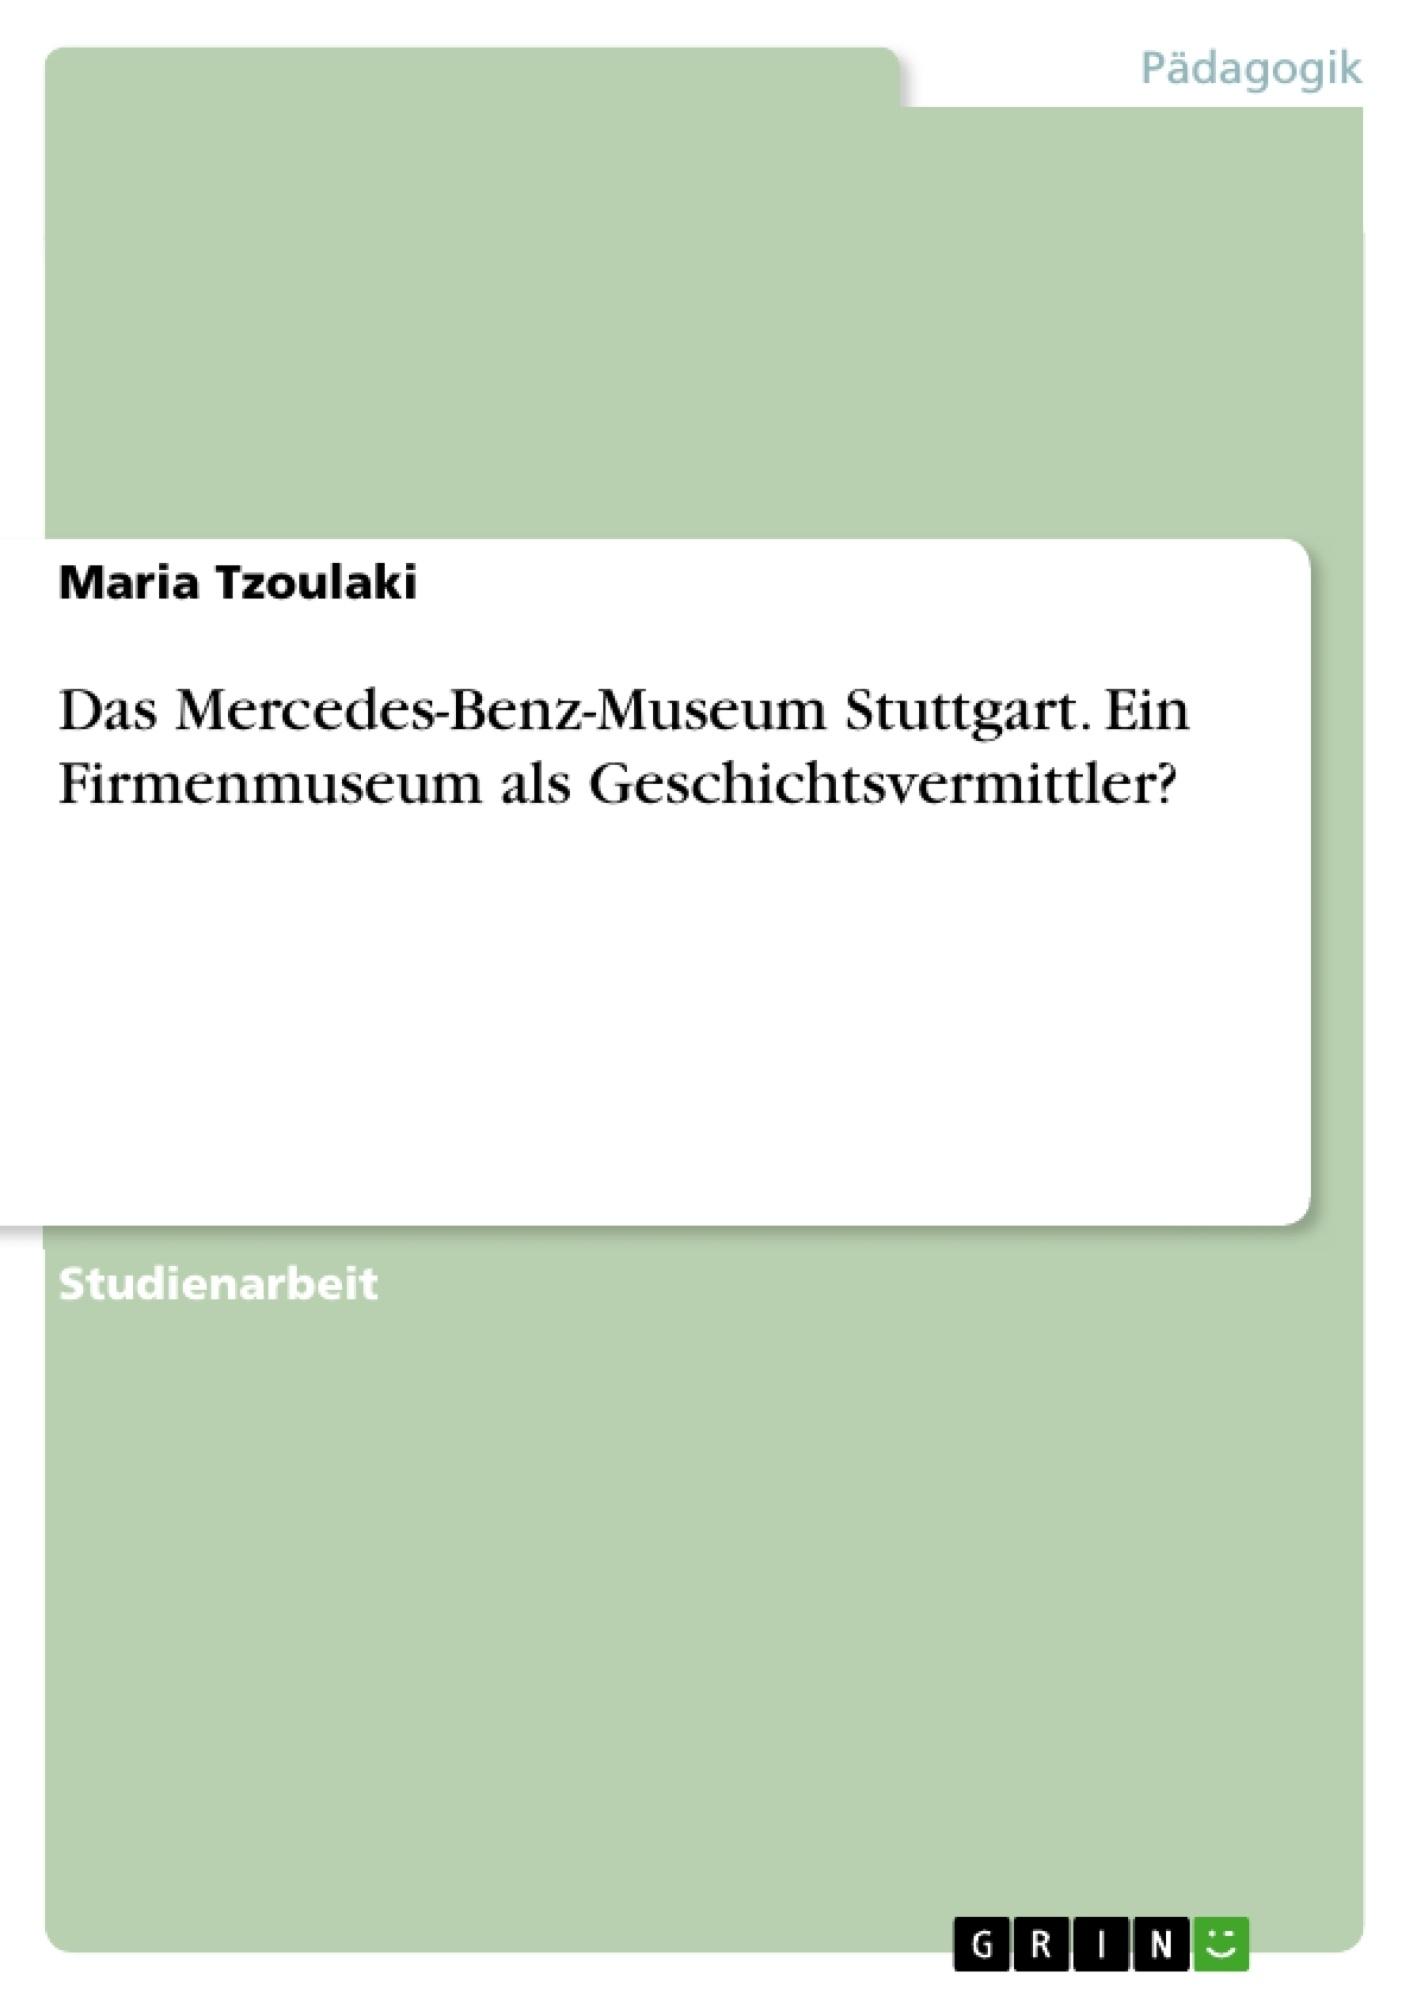 Titel: Das Mercedes-Benz-Museum Stuttgart. Ein Firmenmuseum als Geschichtsvermittler?